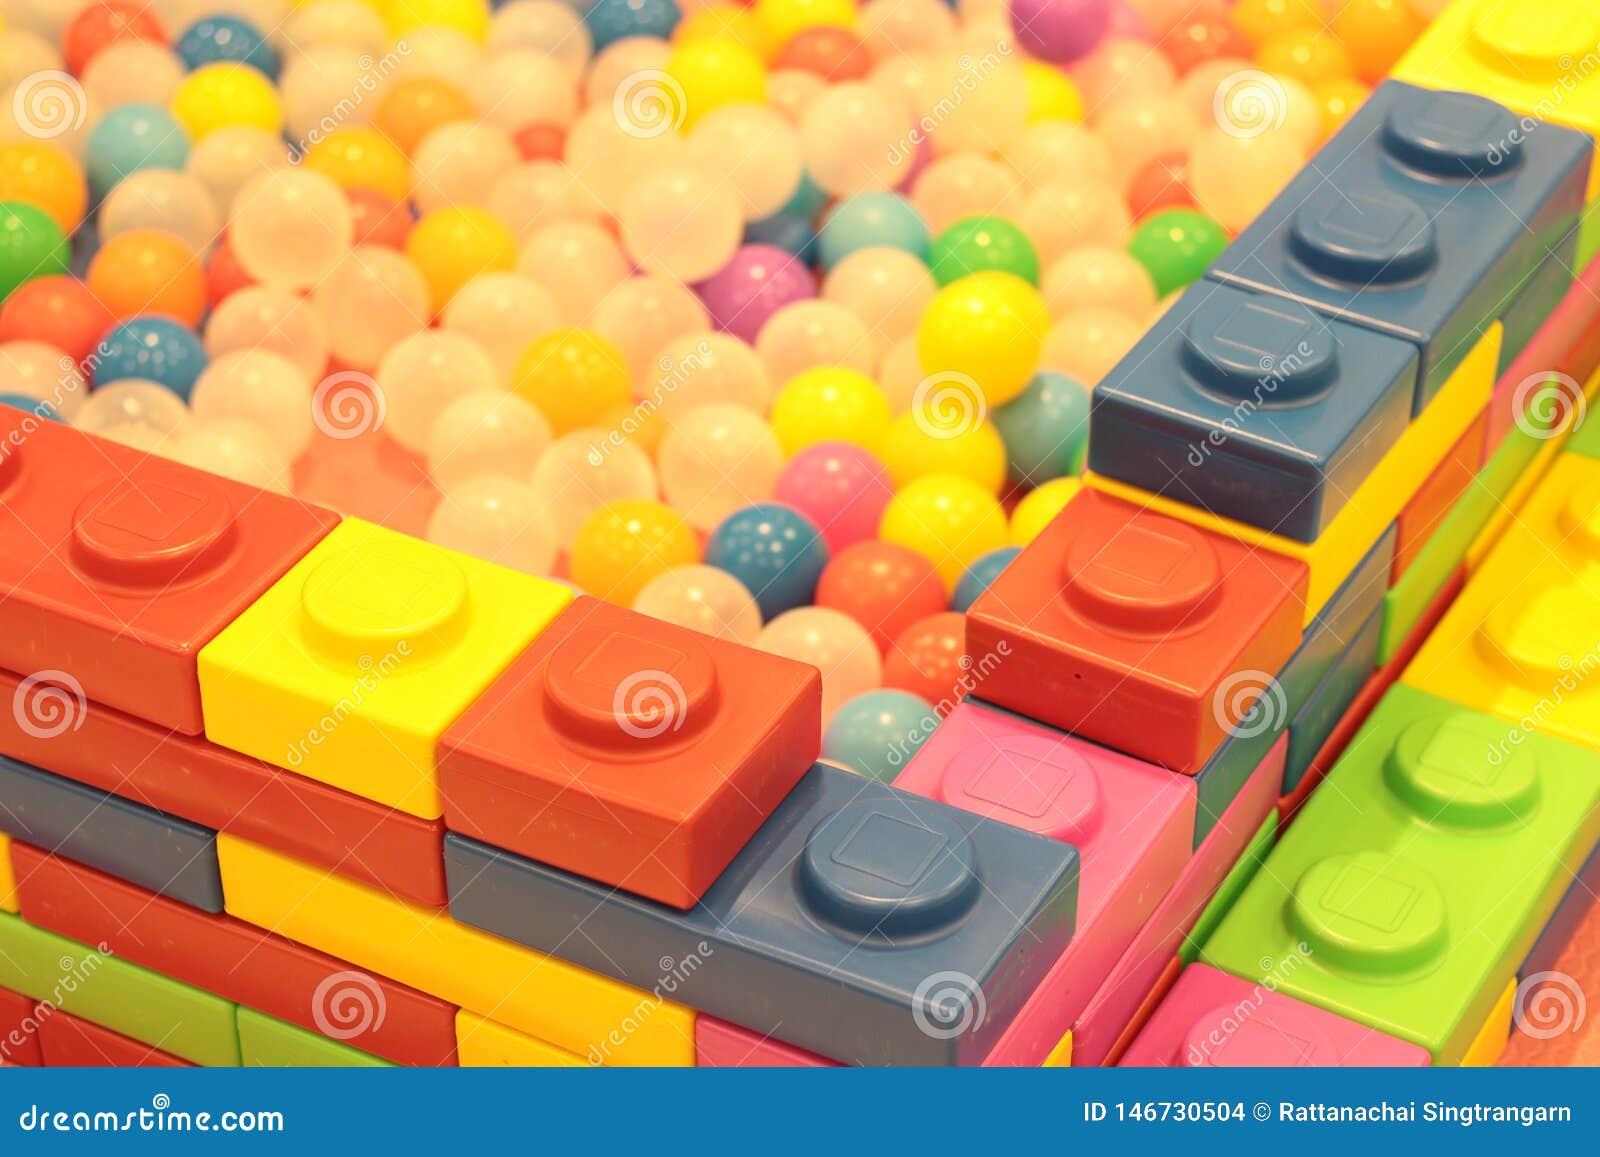 Kleurrijke ballenkinderen, de grappige vijver van de kleuterschool plastic bal